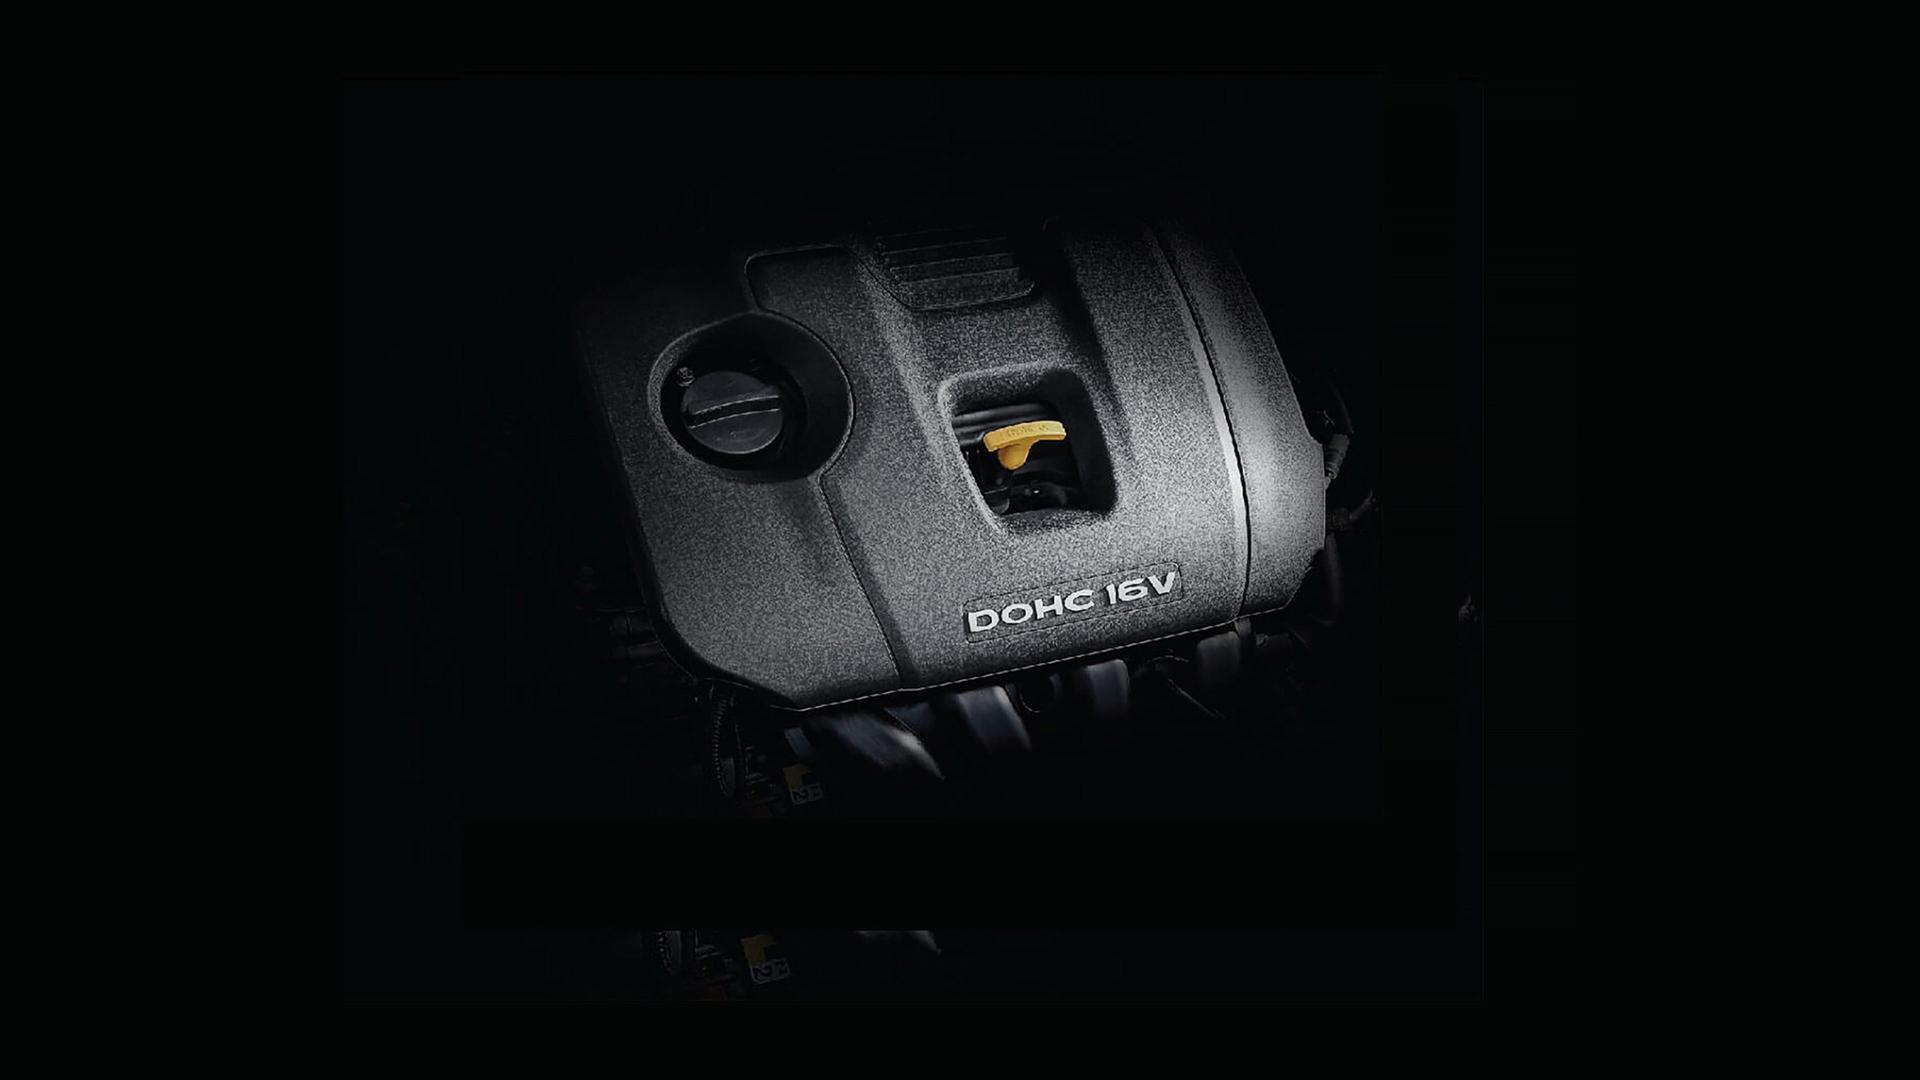 Kia Cerato All New được trang bị động cơ xăng Gamma 1.6 MPI có công suất cực đại 128hp/6,300rpm, mô-men xoắn cực đại 157 N.m/4850 rpm; và động cơ xăng Nu 2.0 MPI có công suất cực đại 159hp/6500rpm và mô-men xoắn cực đại 194 N.m/4800 rpm